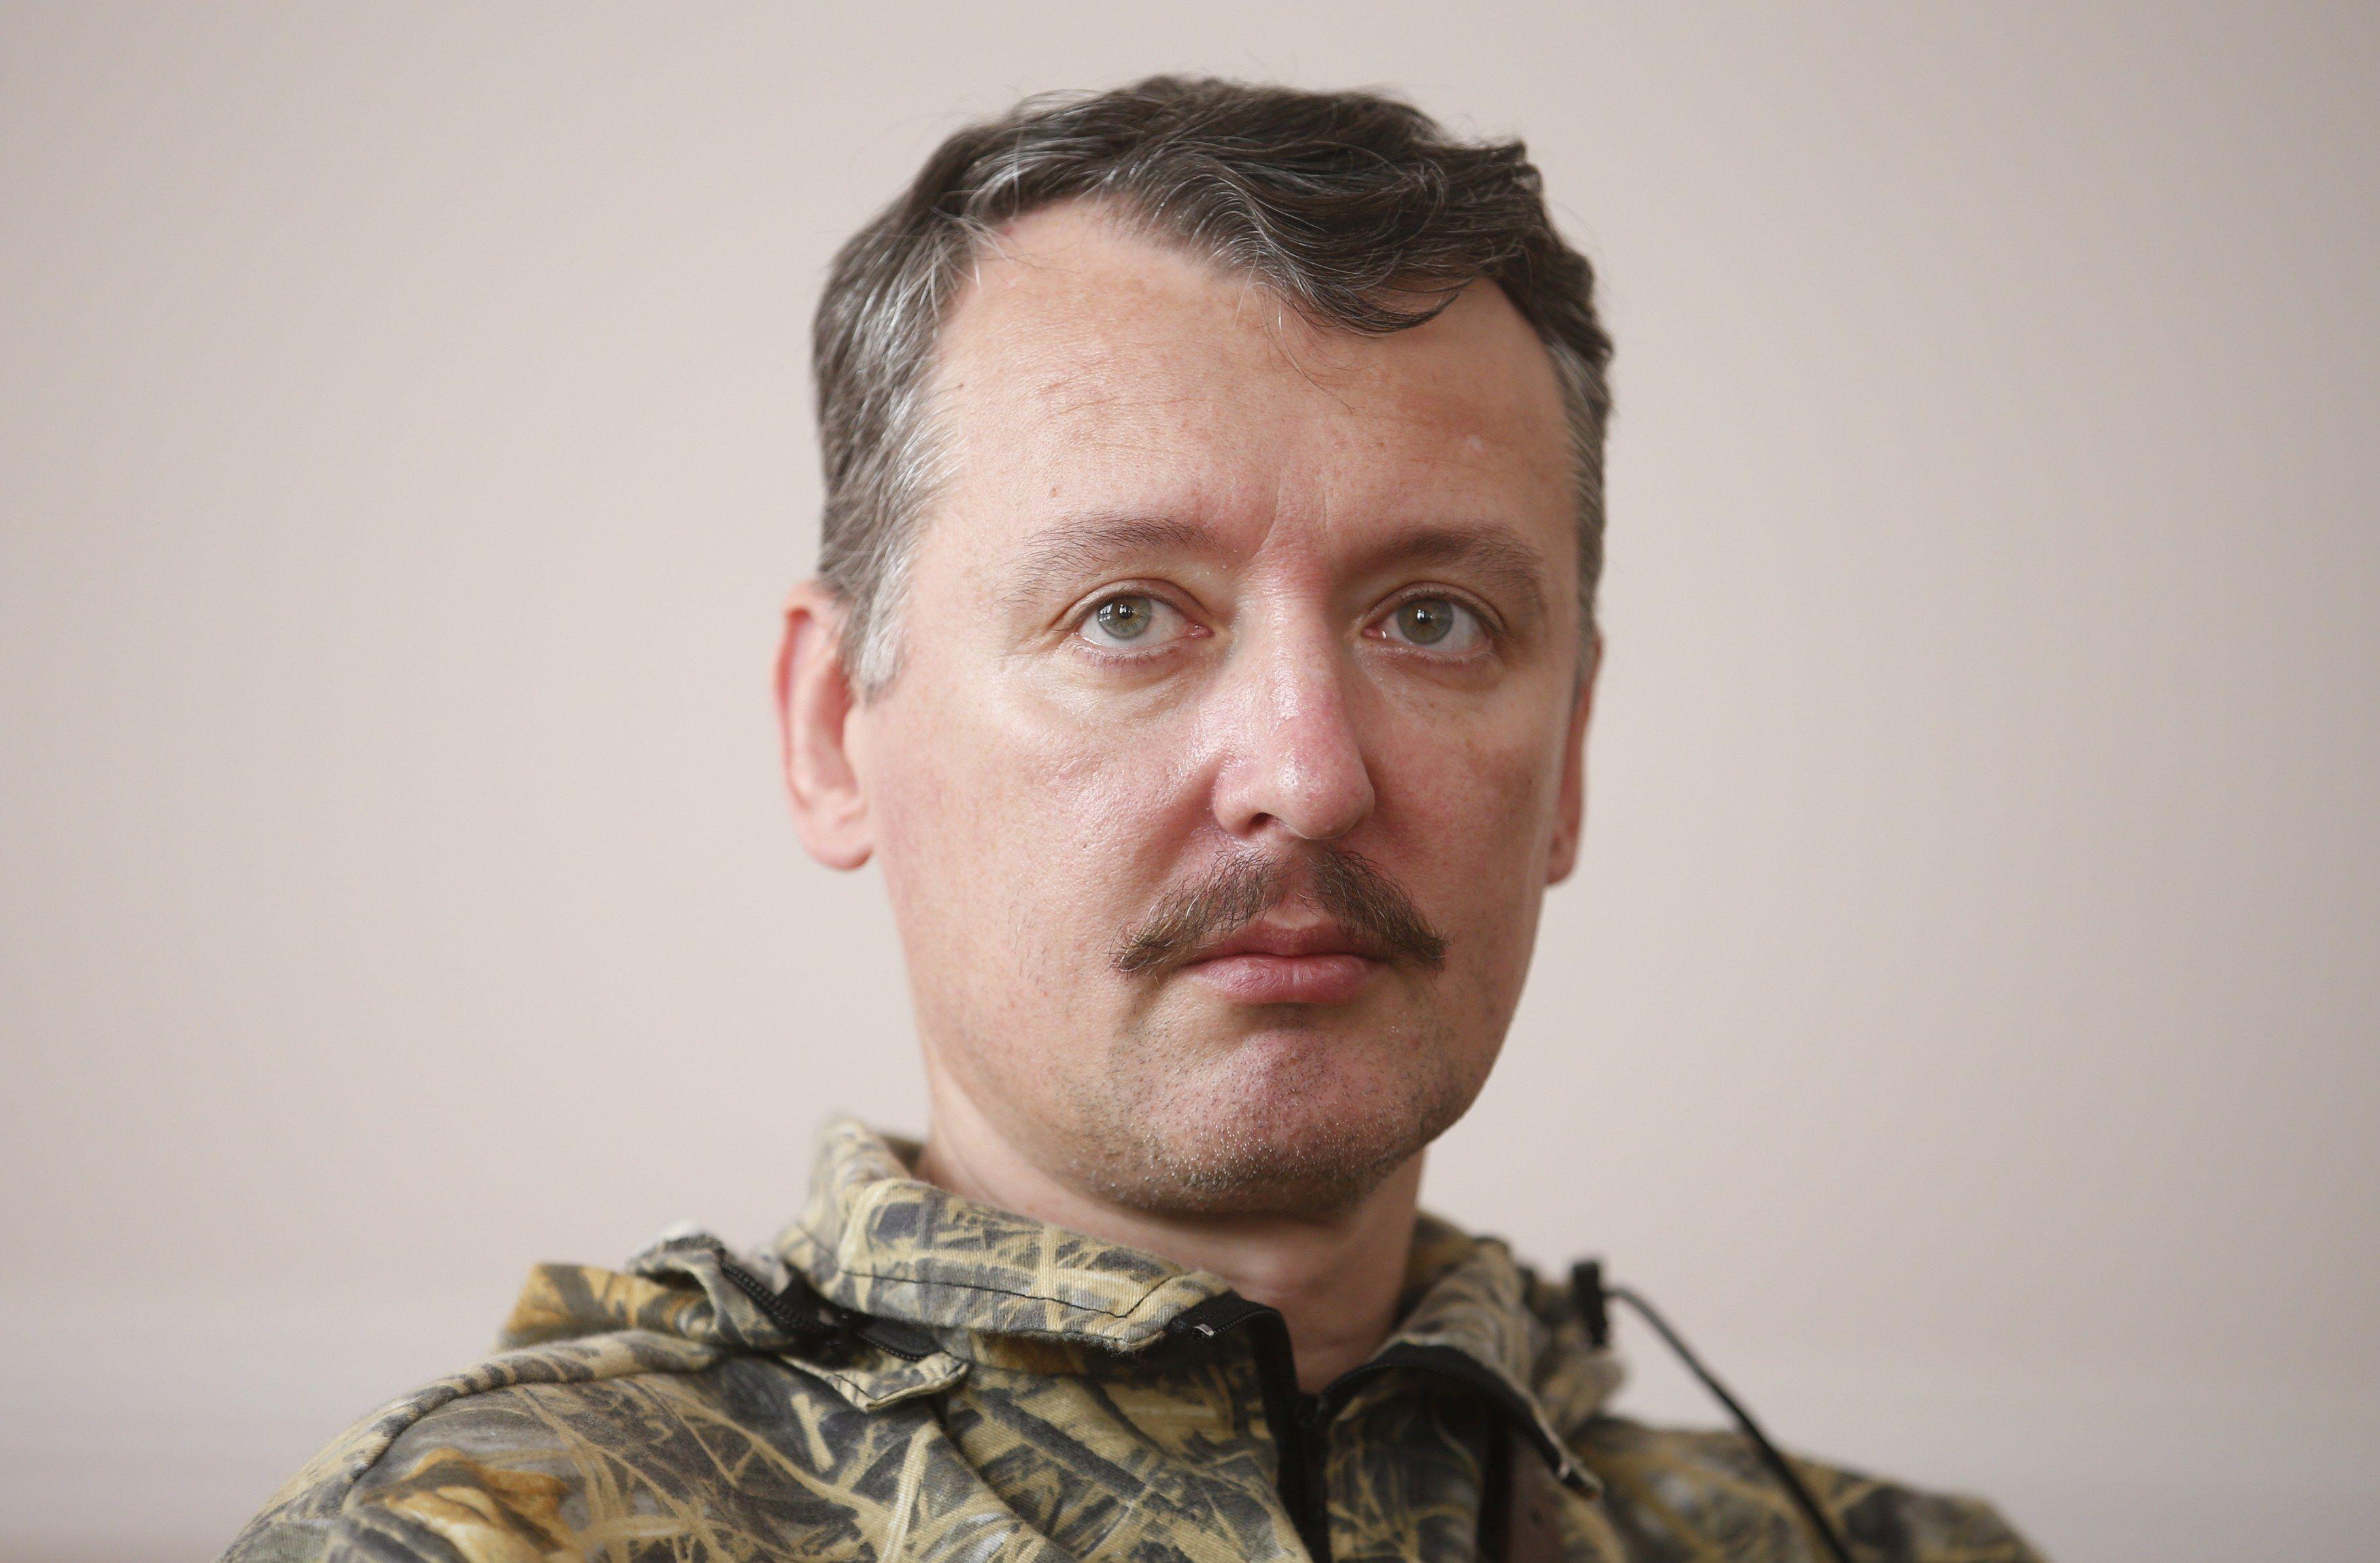 Гиркин, один из самых одиозных террористов Донбасса